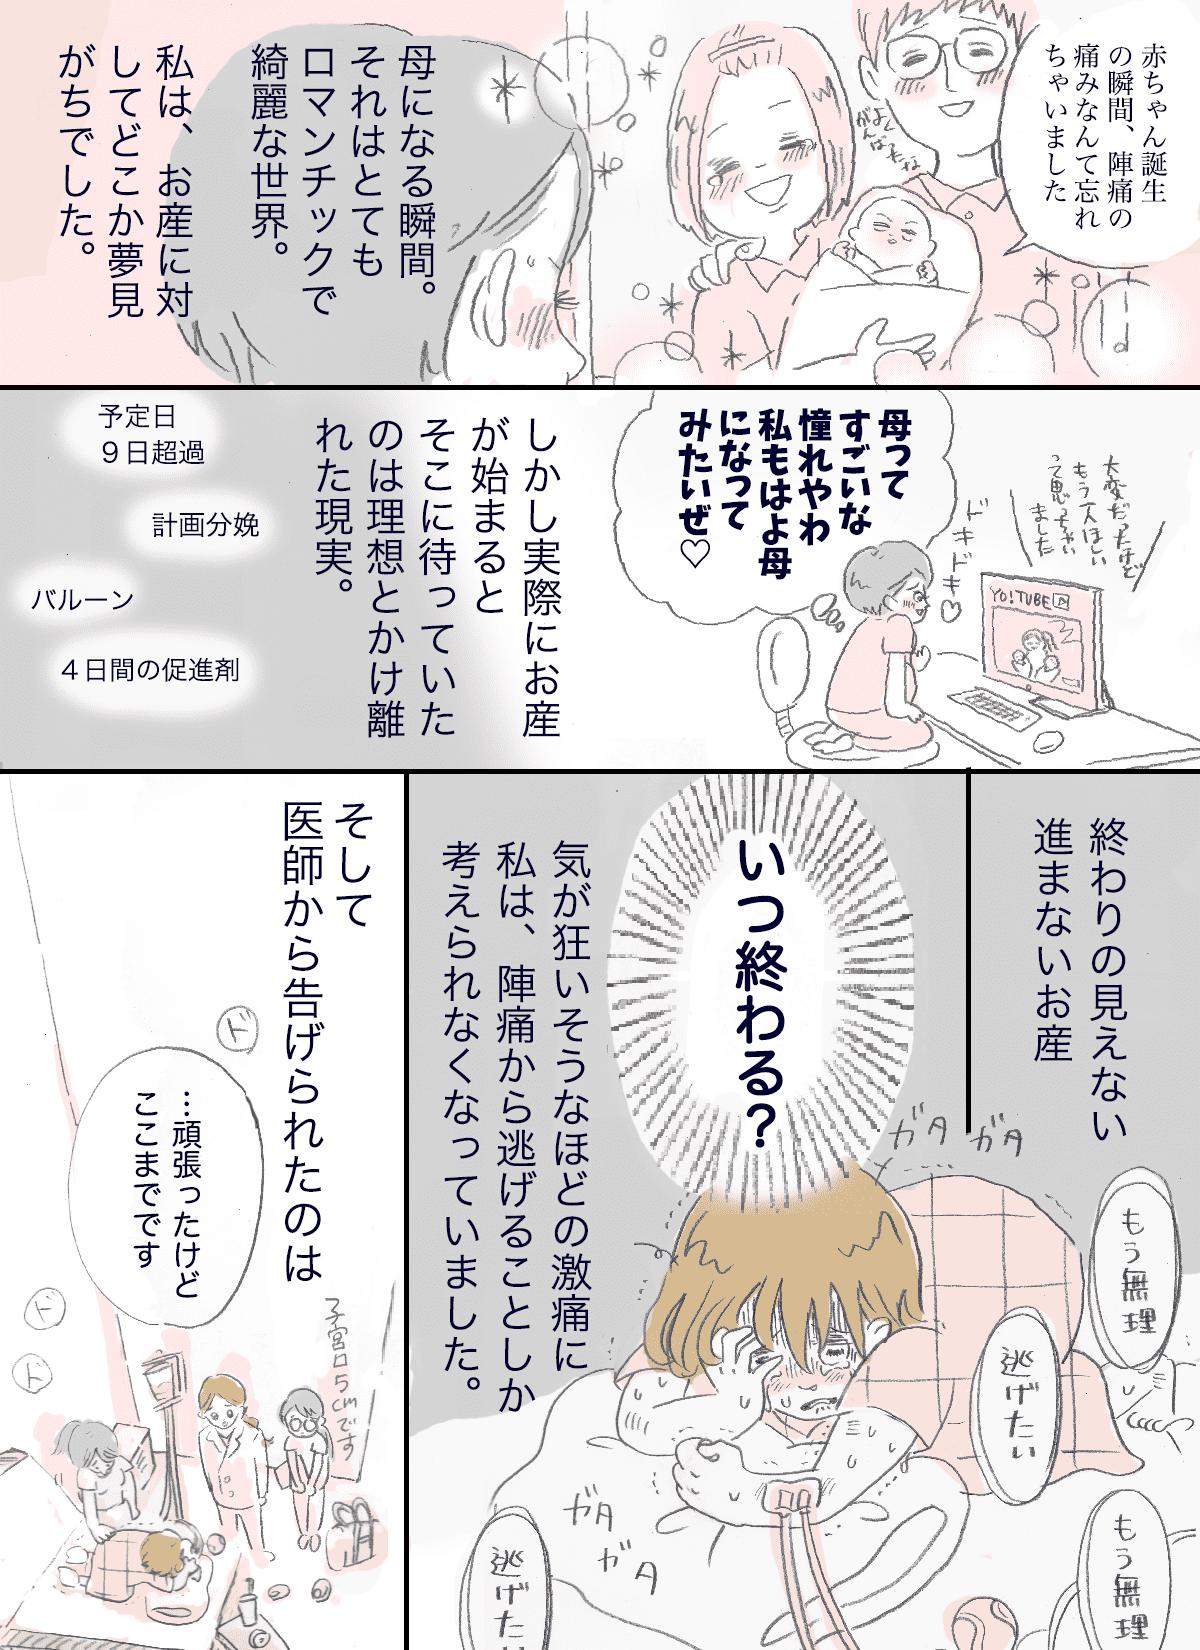 帝王切開1